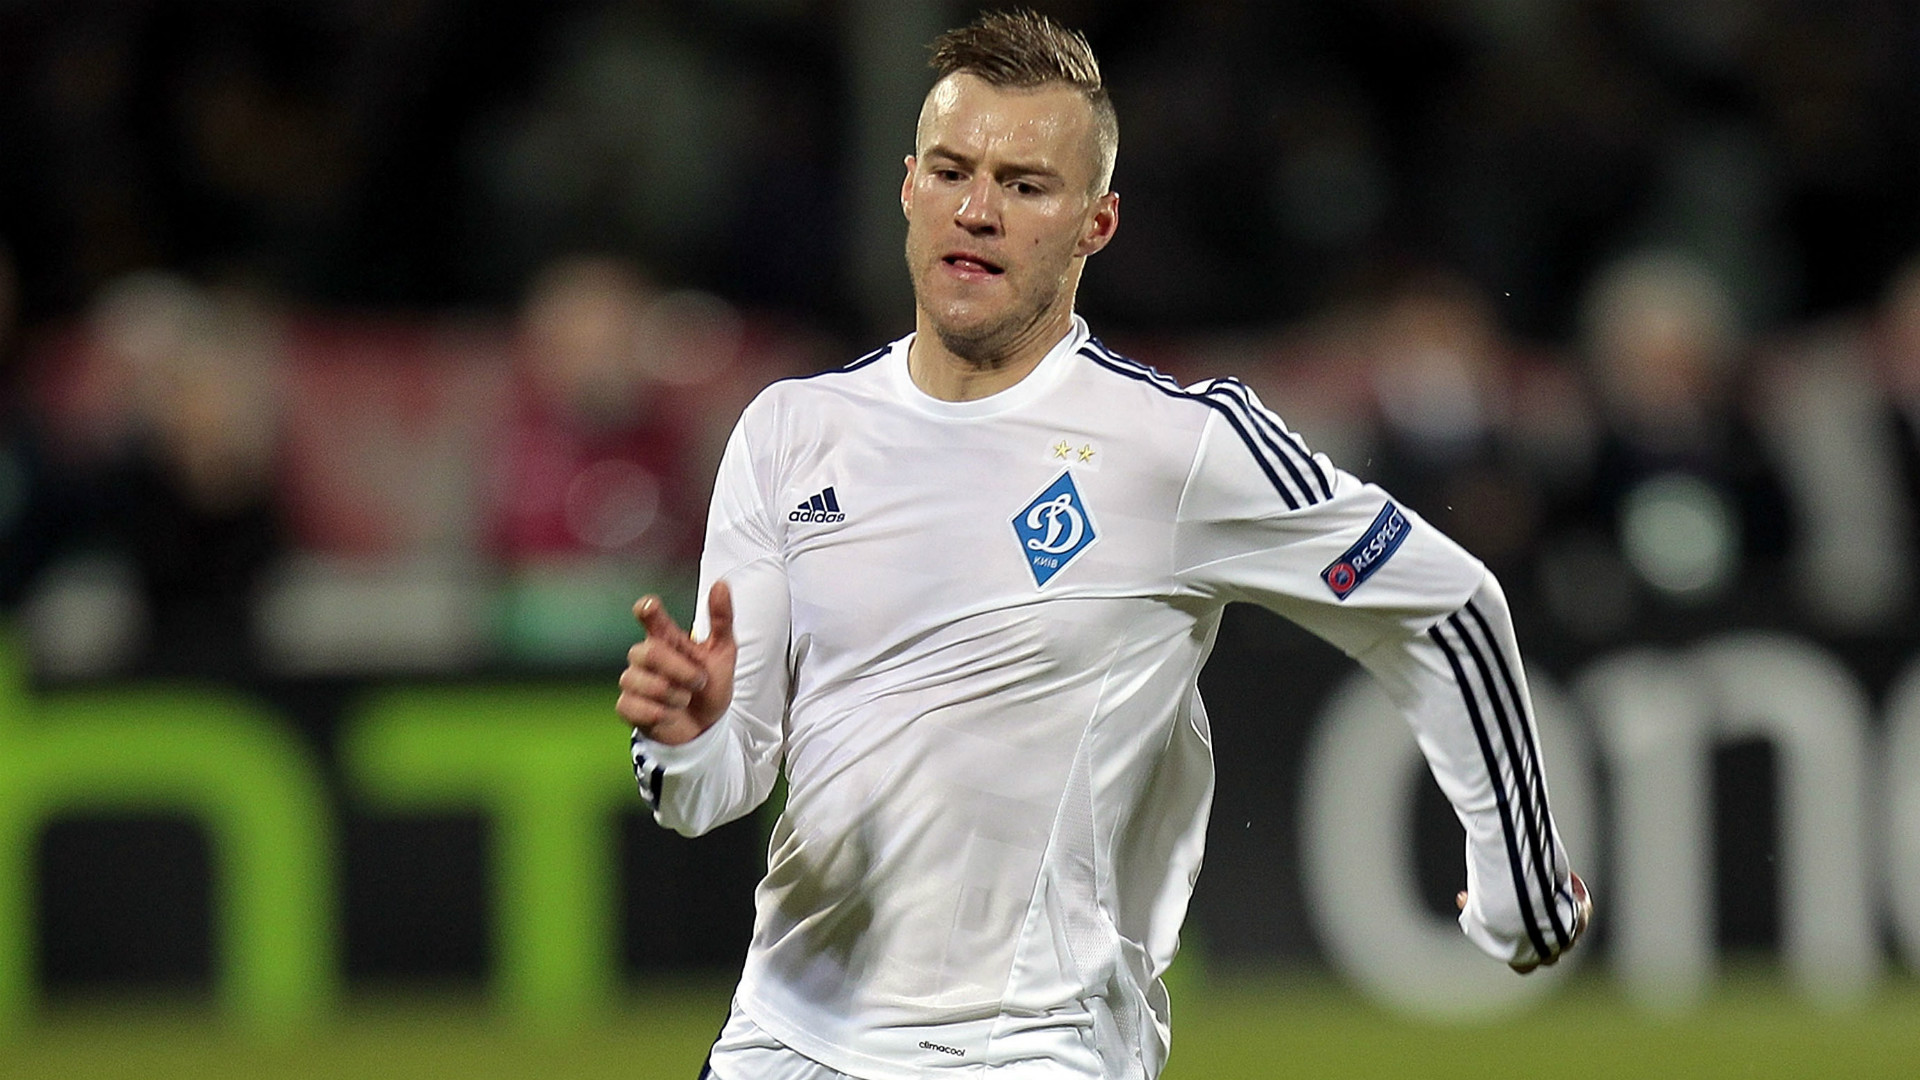 Барселона собирается подписать украинца Ярмоленко?